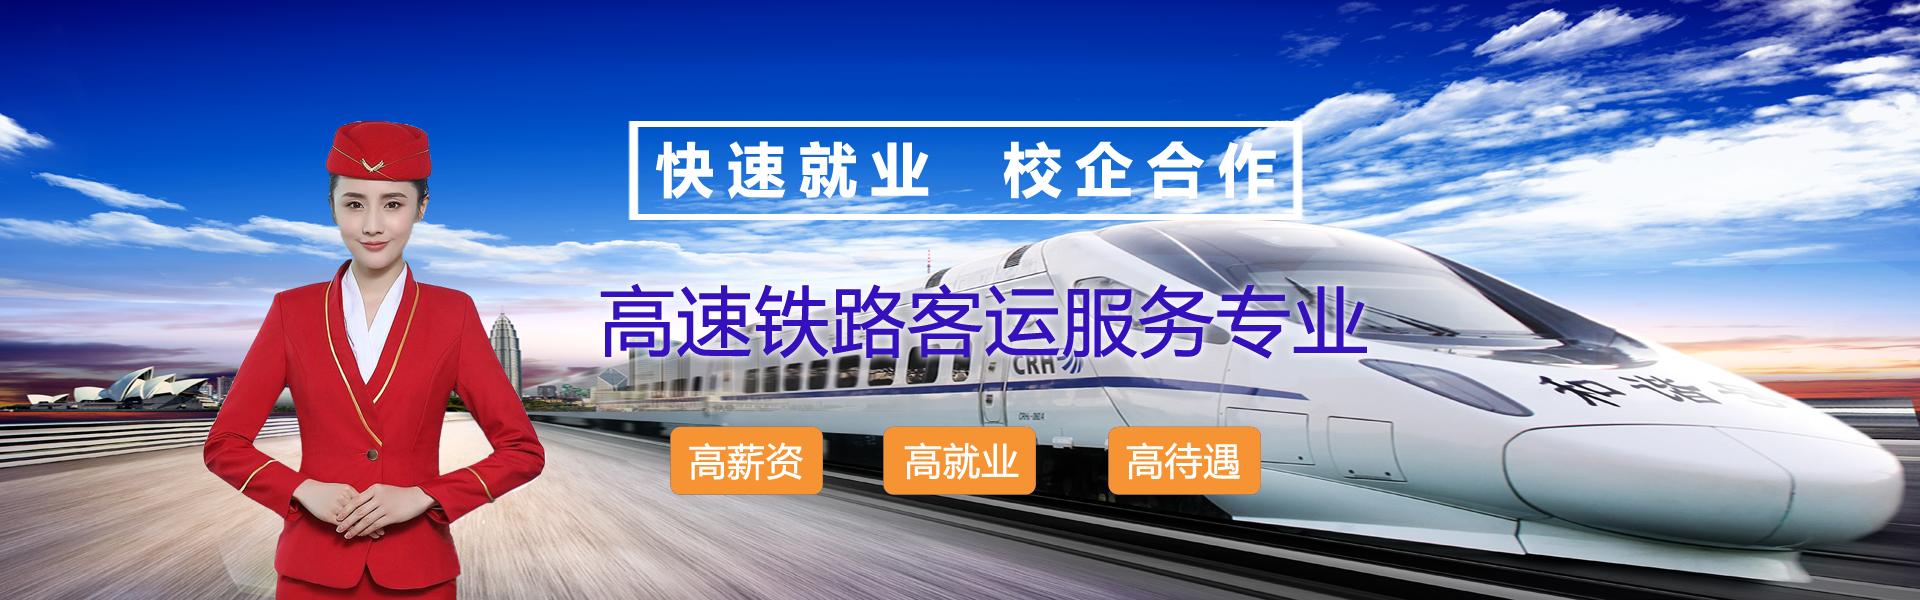 高速铁路客运服务专业